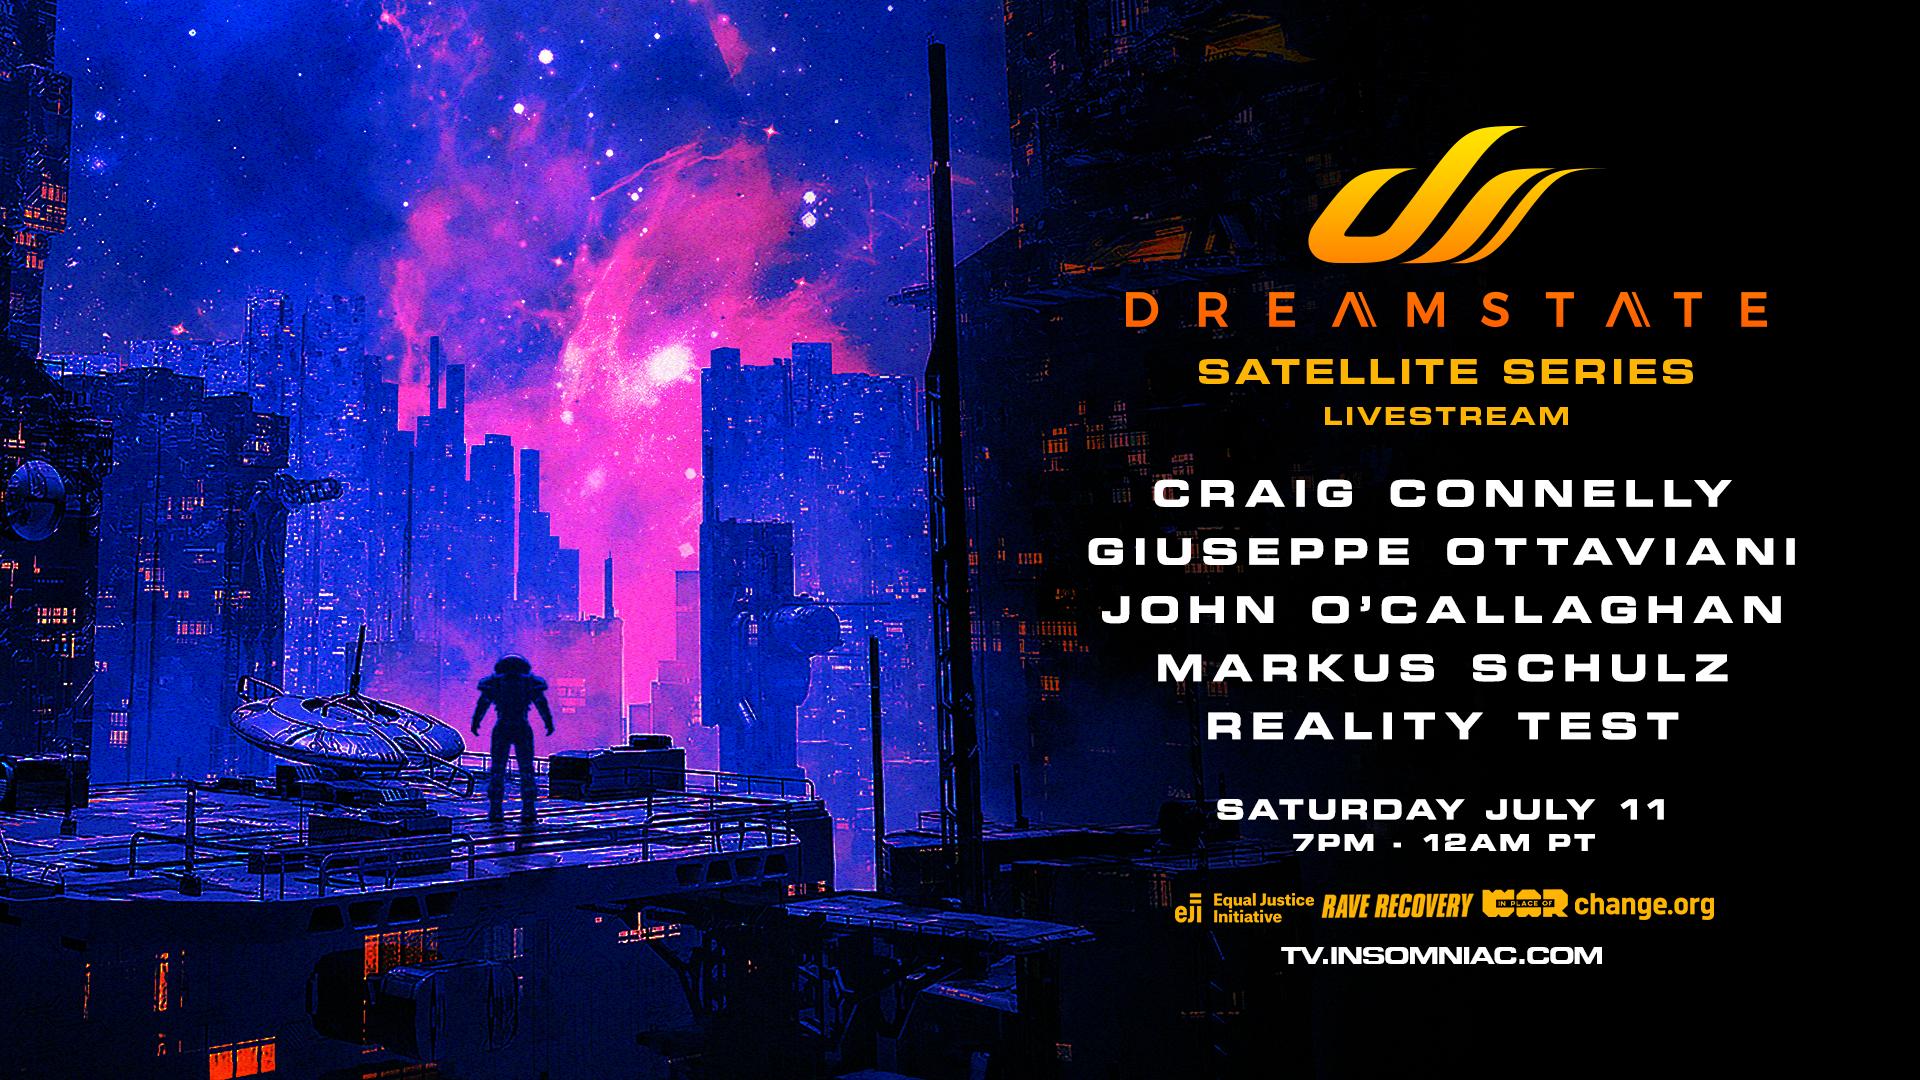 Dreamstate Satellite Series Lineup July